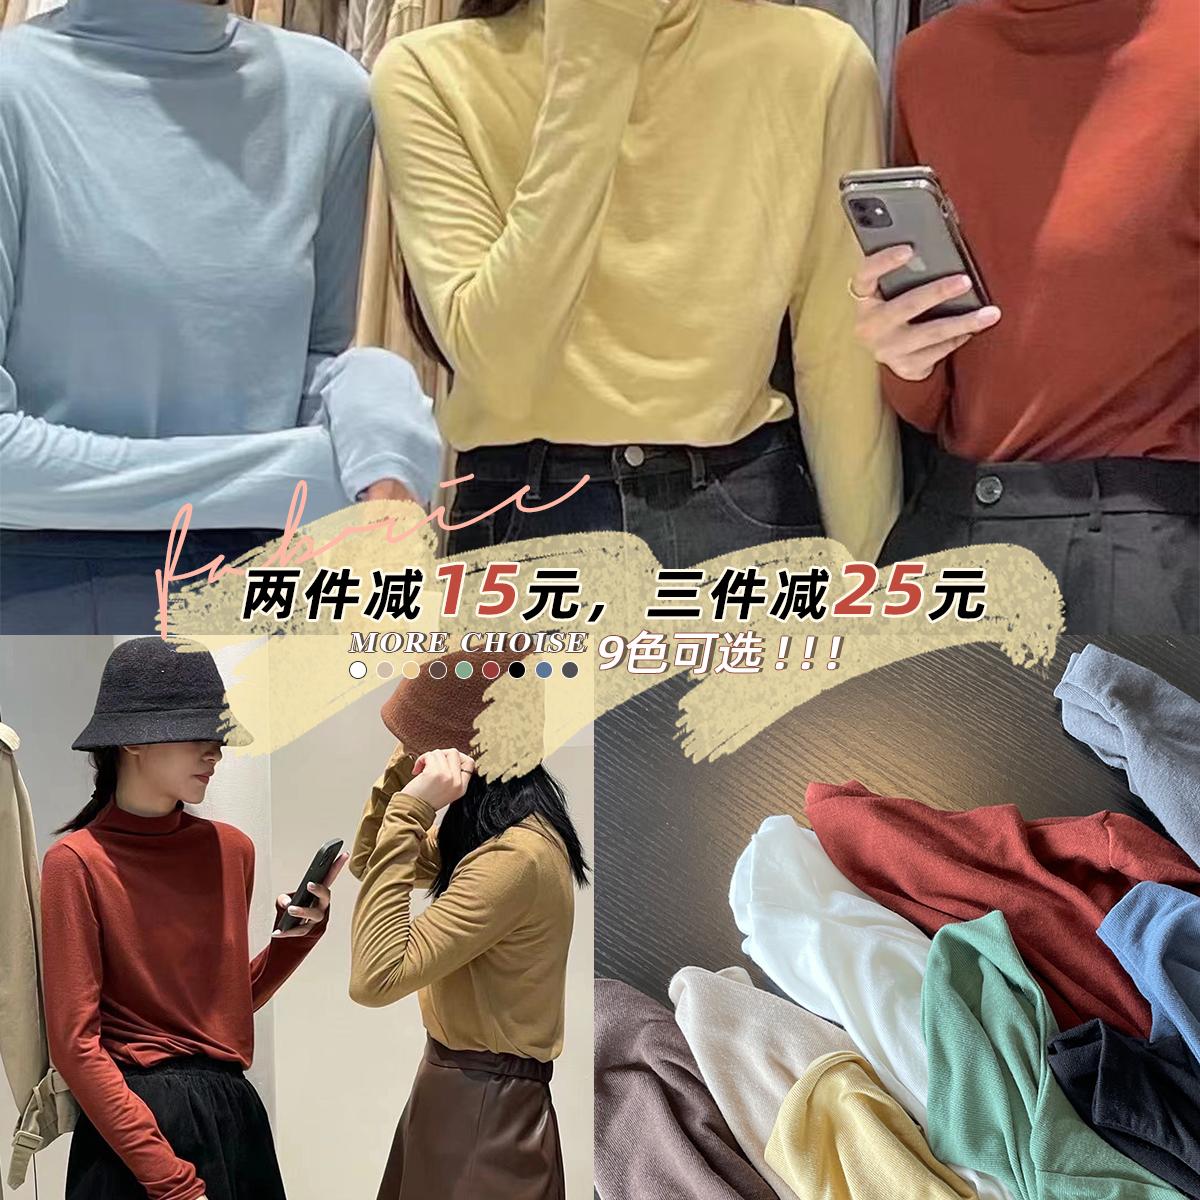 大码女装早秋季新款胖mm漂亮的t恤长袖韩版半高领内搭显瘦打底衫